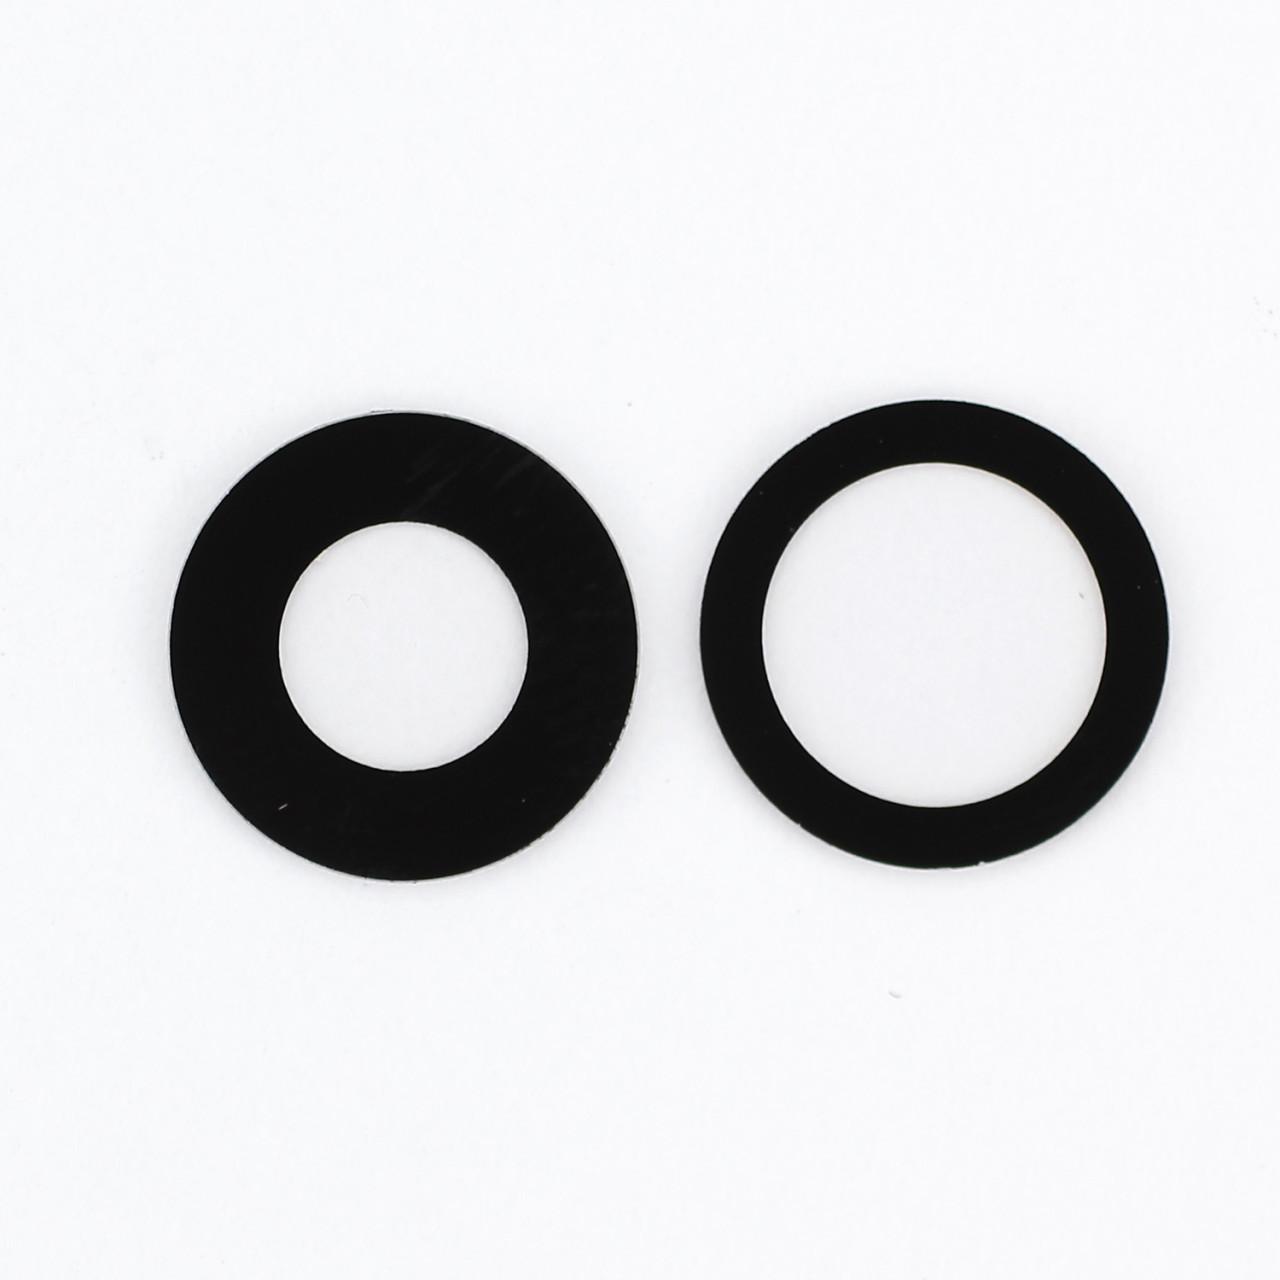 Apple Hauptkamera-Linsen mit Klebesticker, passend für iPhone 12 mini